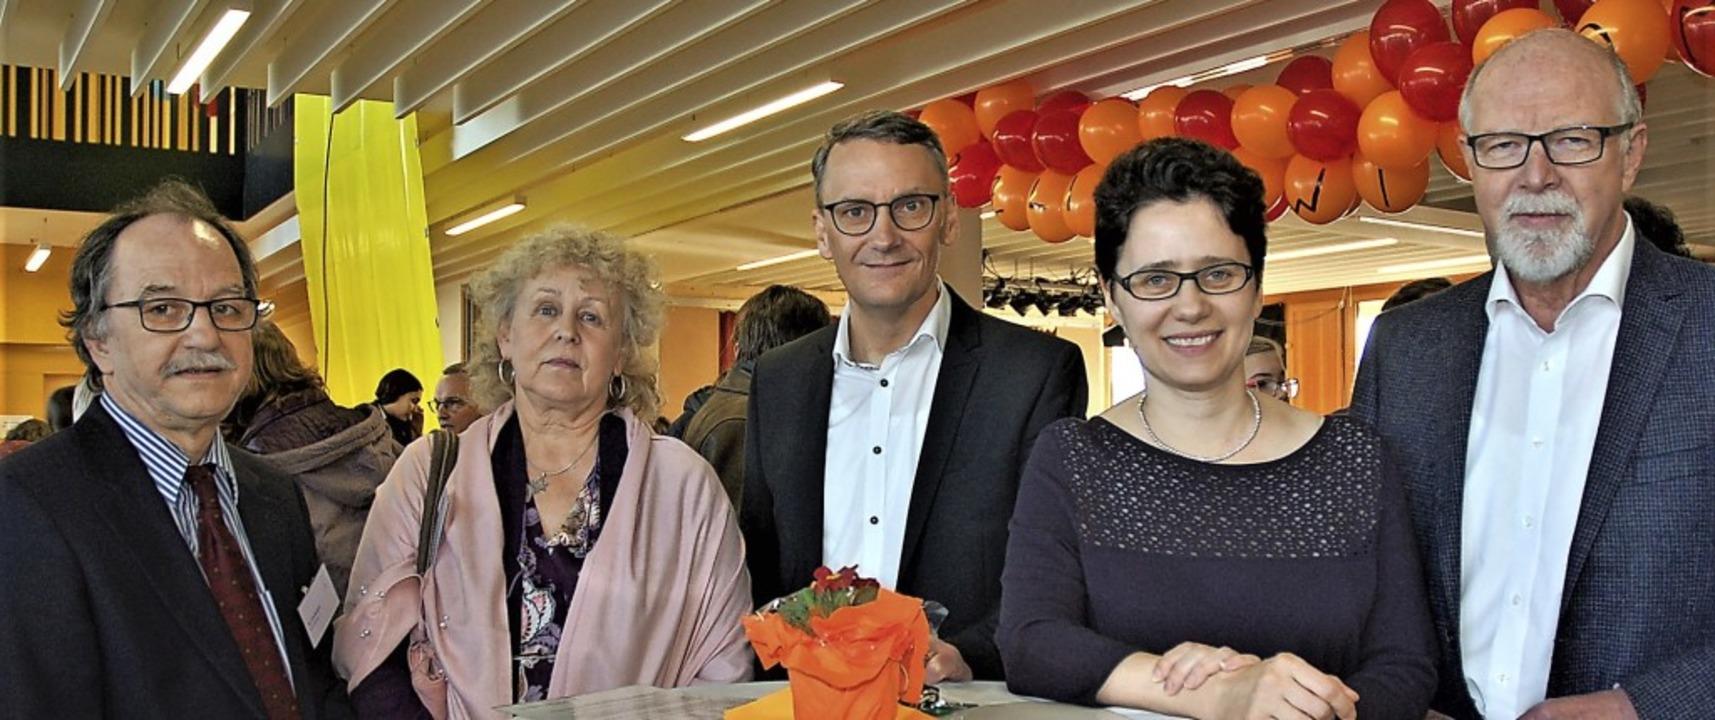 Die Teilnehmer der Podiumsdiskussion d...rt, Marion Gentges und Bertold Meier.   | Foto: Wolfgang Beck